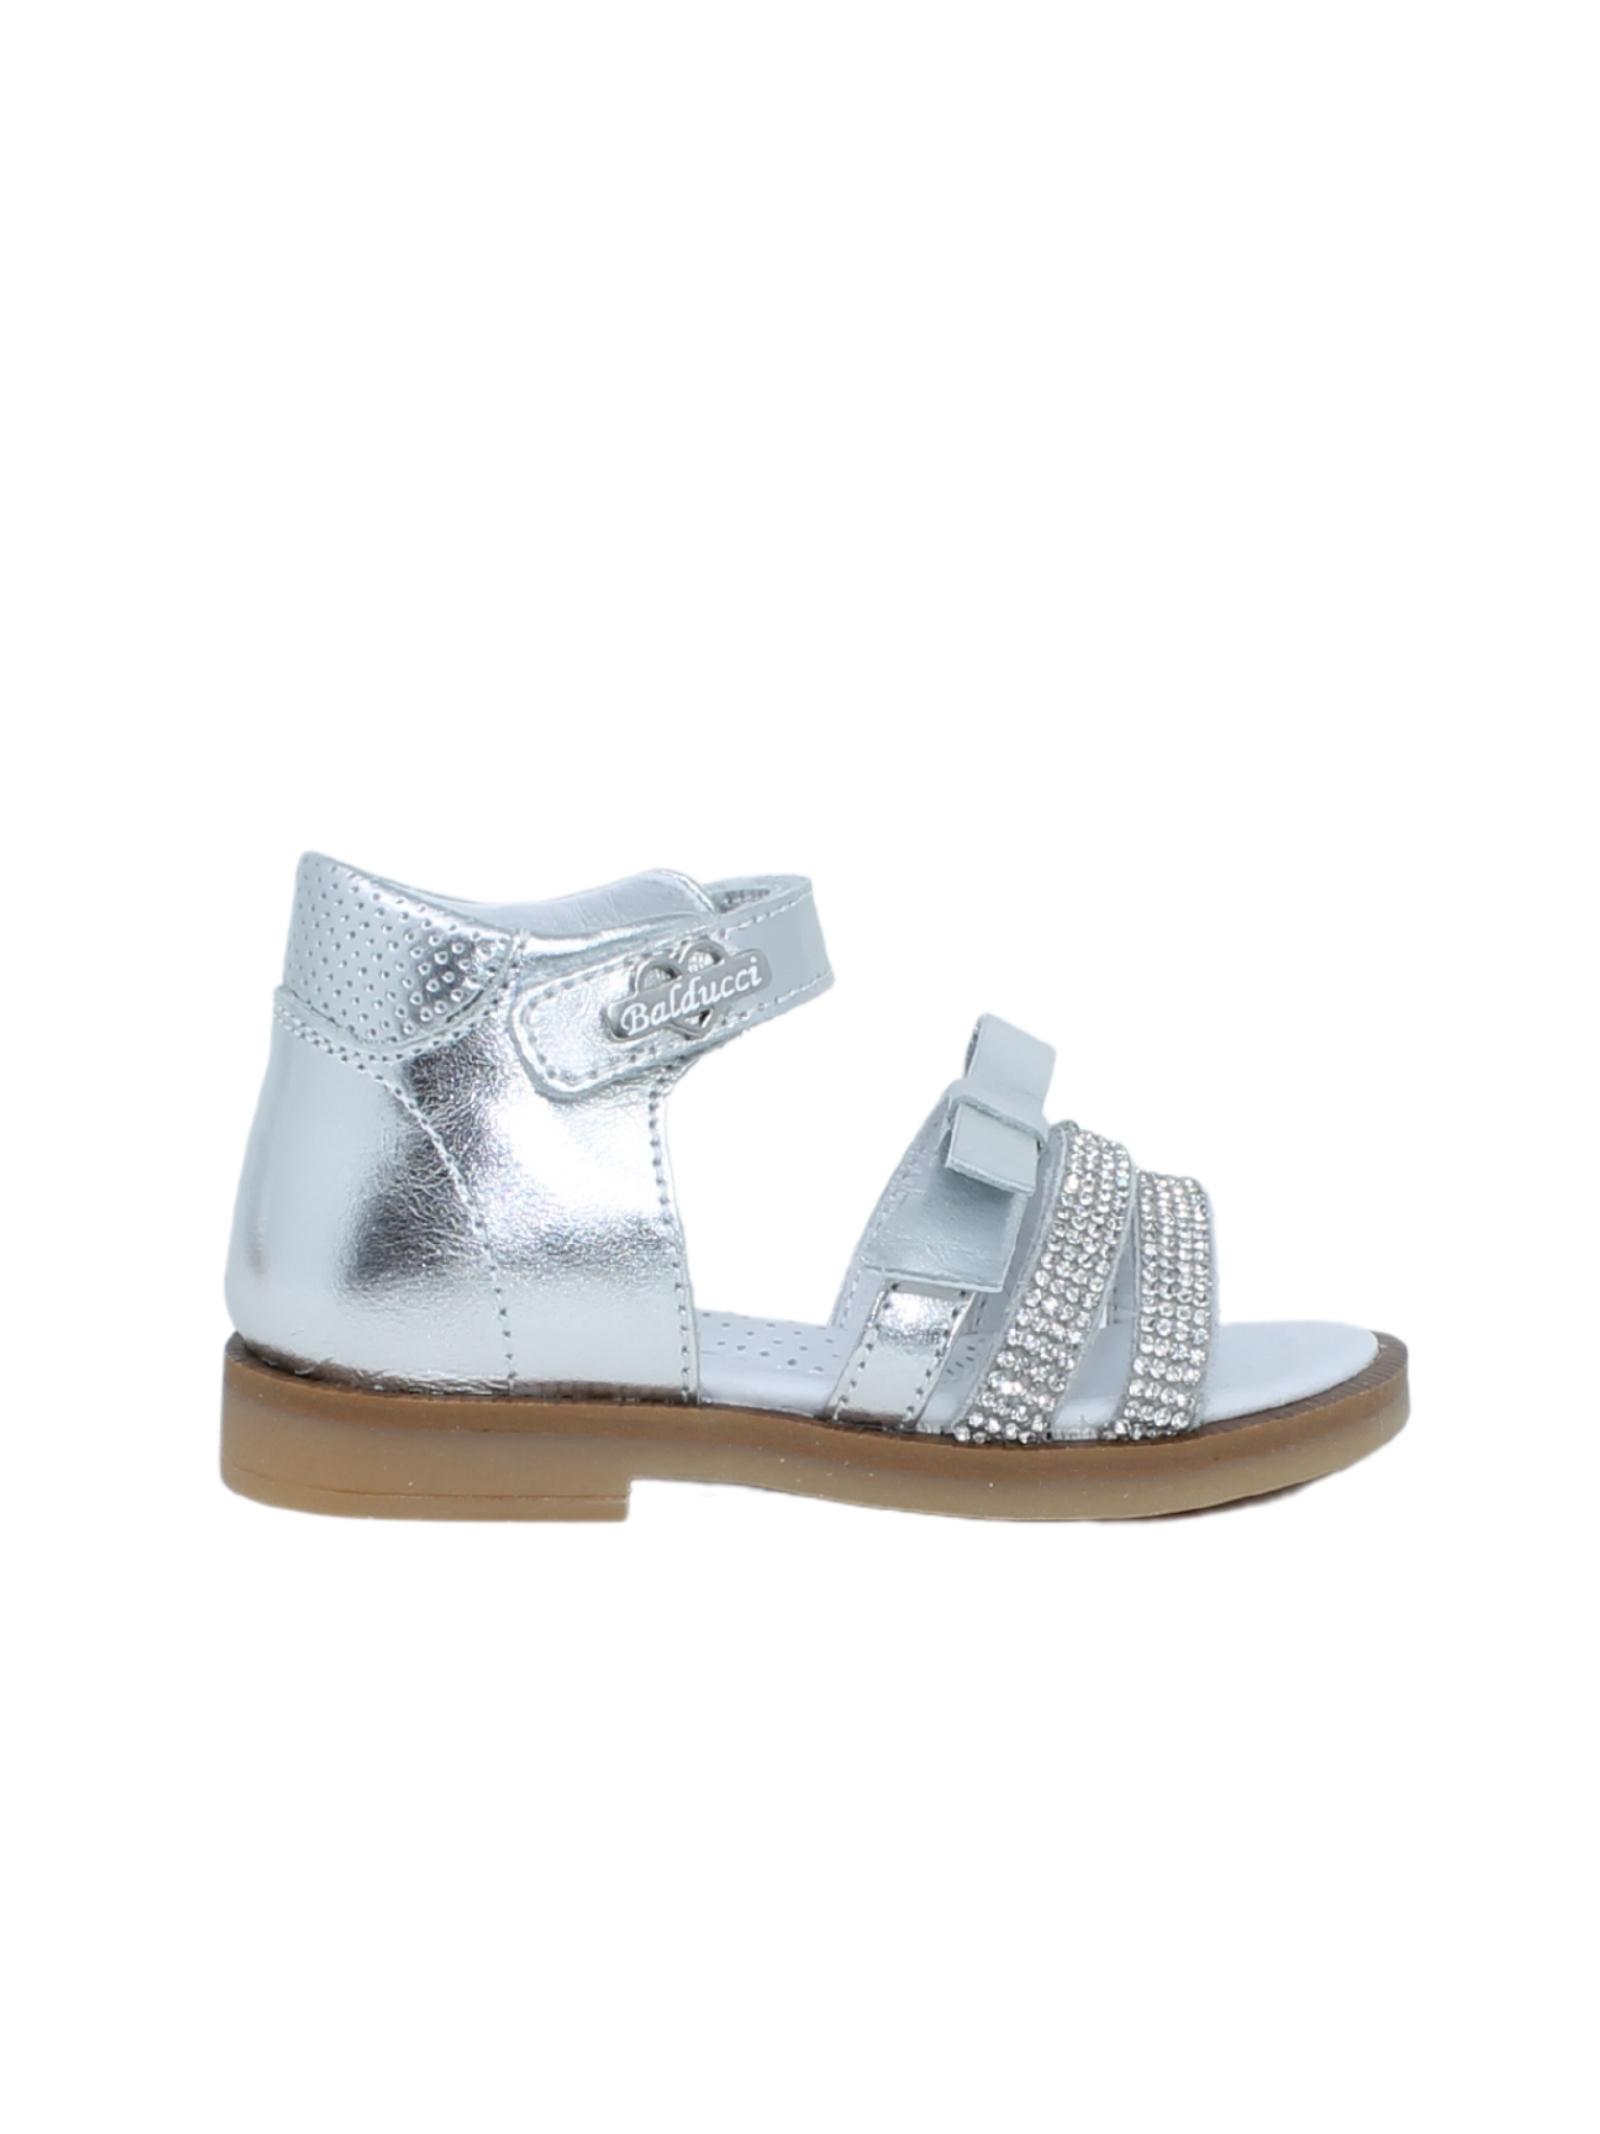 BALDUCCI | Sandals | CITA4802B13905